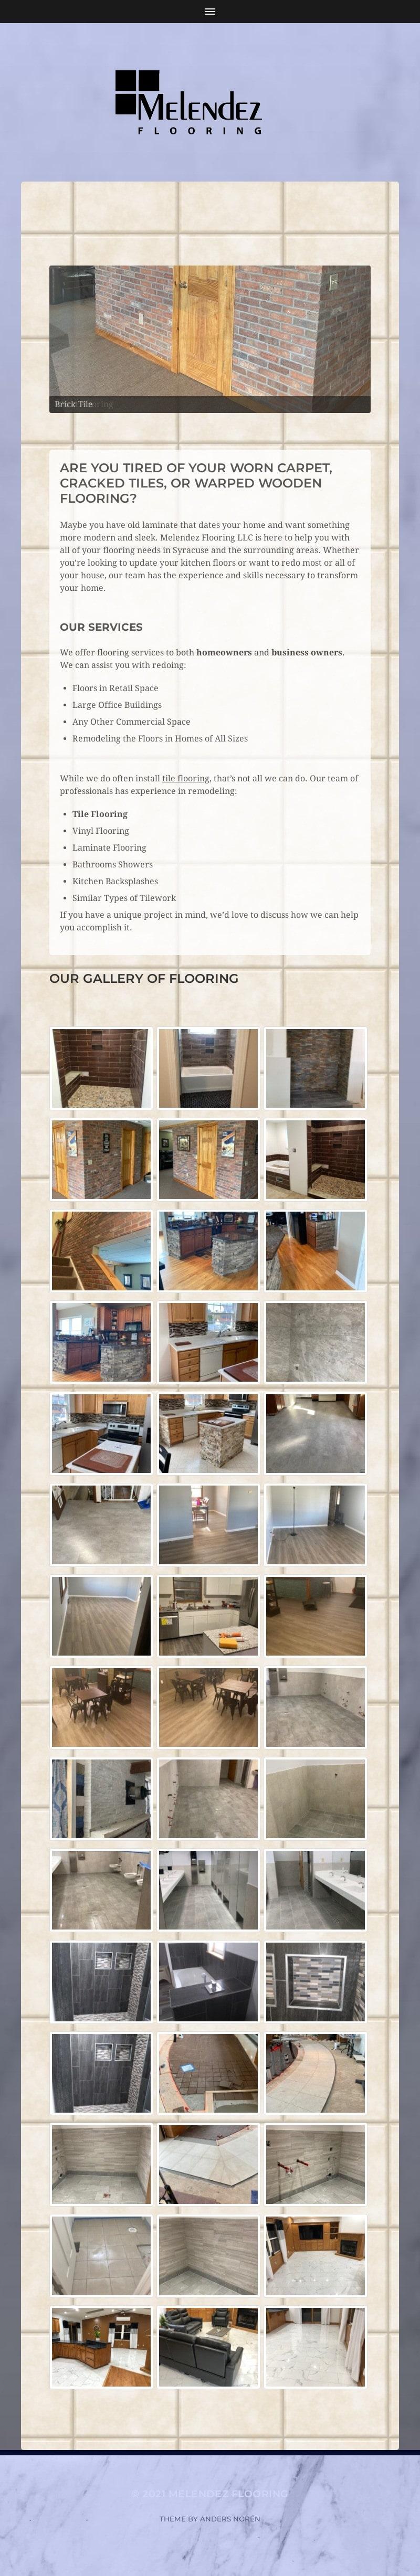 Melendez Flooring Syracuse NY Ipad